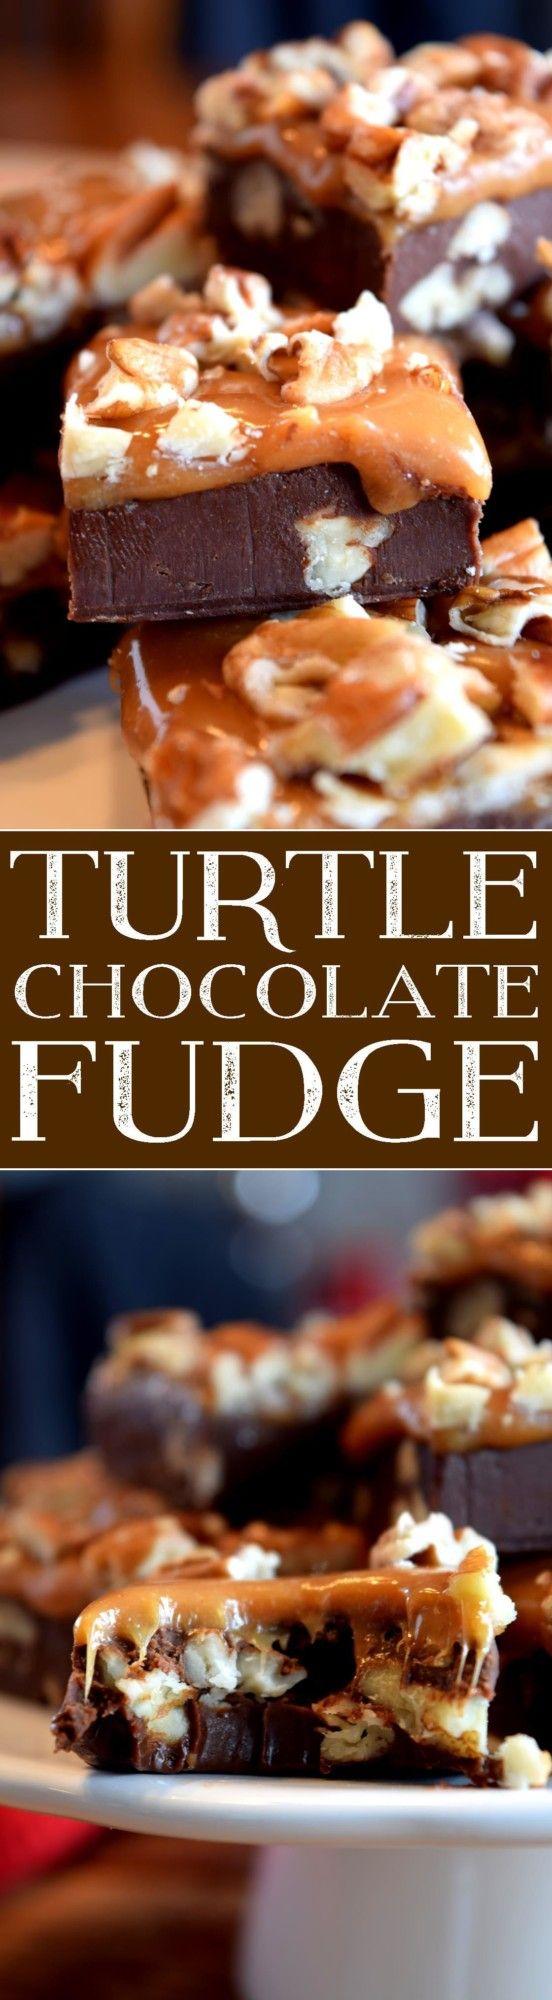 turtle-chocolate-fudge